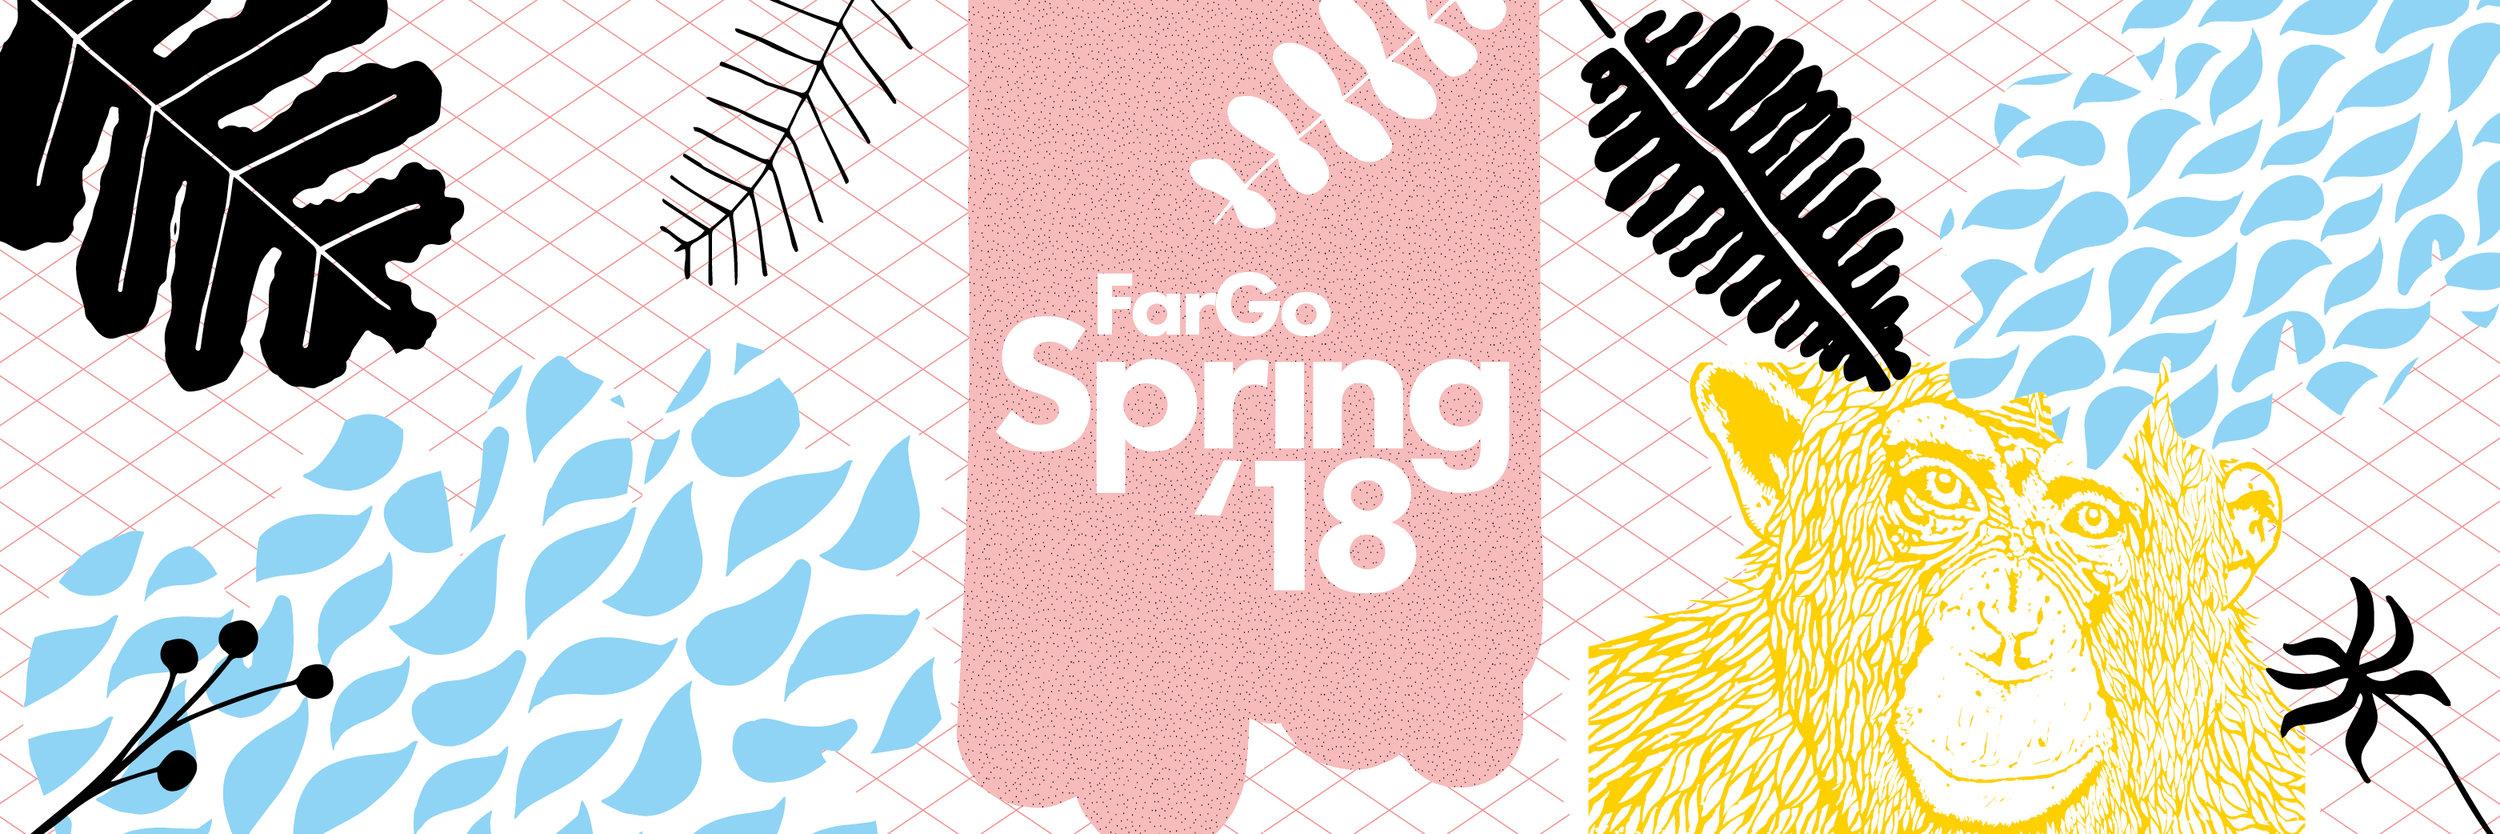 Fargo_Spring 18_Social_Twitter.jpg